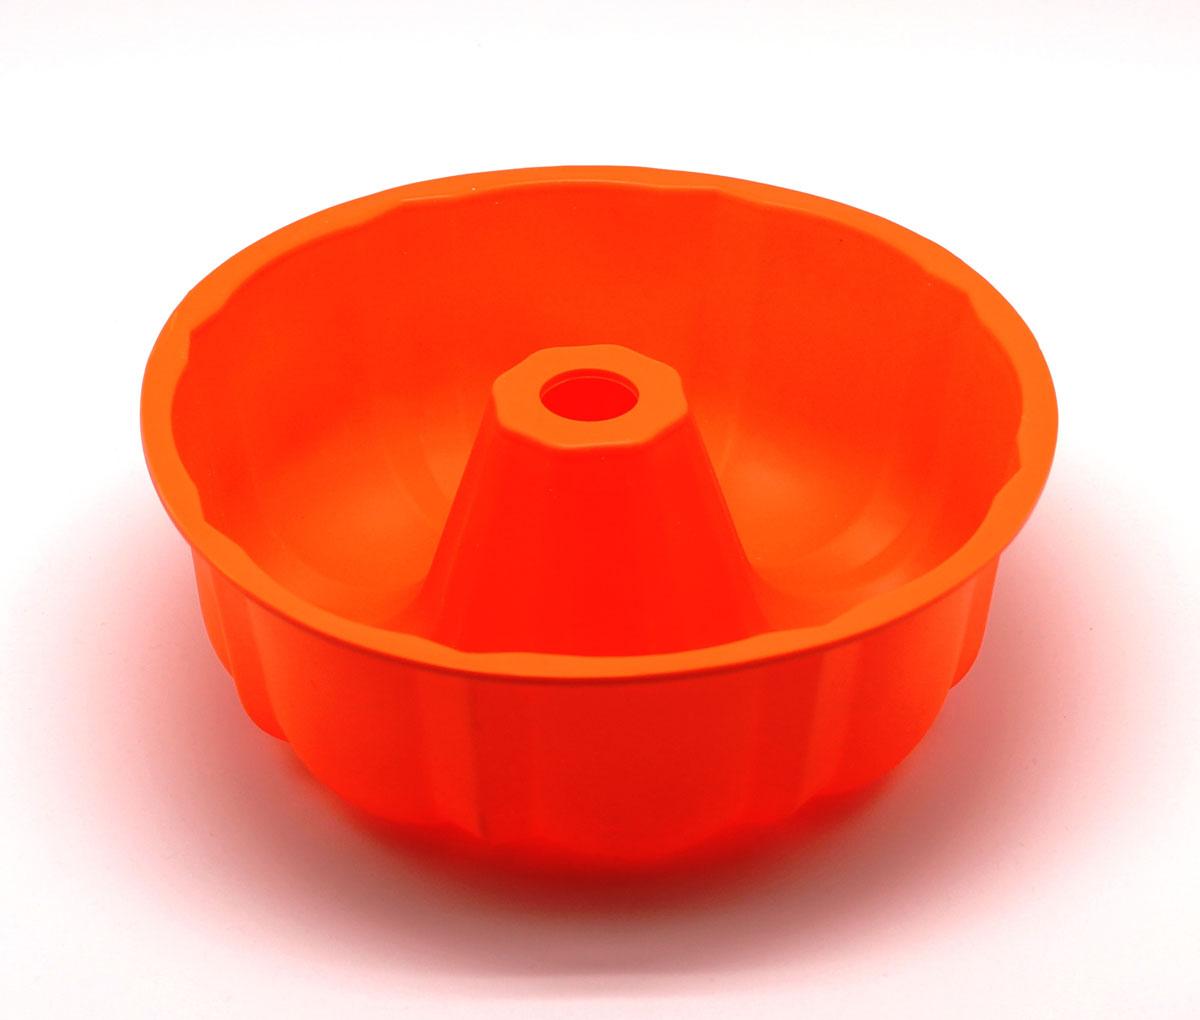 Форма для выпечки Шарлотка, цвет: оранжевыйSC-BK-002-OСиликоновая форма для выпечки имеет много преимуществ по сравнению с традиционной металлической и алюминевой посудой. Она идеально подходит для использования в микроволновых, гаховых и электрических печах при температурах до +230°С. Благодаря гибкости и антипригарным свойствам изделия, ваша выпечка никогда не потеряет свой внешний вид. Форма займет на Вашей кухне минимум места, ее можно свернуть и убрать в шкаф, а при очередном использовании она примет первоначальный вид.Так же хотелось бы отметить, что силикон не вступает ни в какое химическое воздействие с окружающими материалами. Следовательно, Ваша пища, изготовленная в форме из силикона, никогда не будетсодержать посторонних примисей и неприятных запахов.